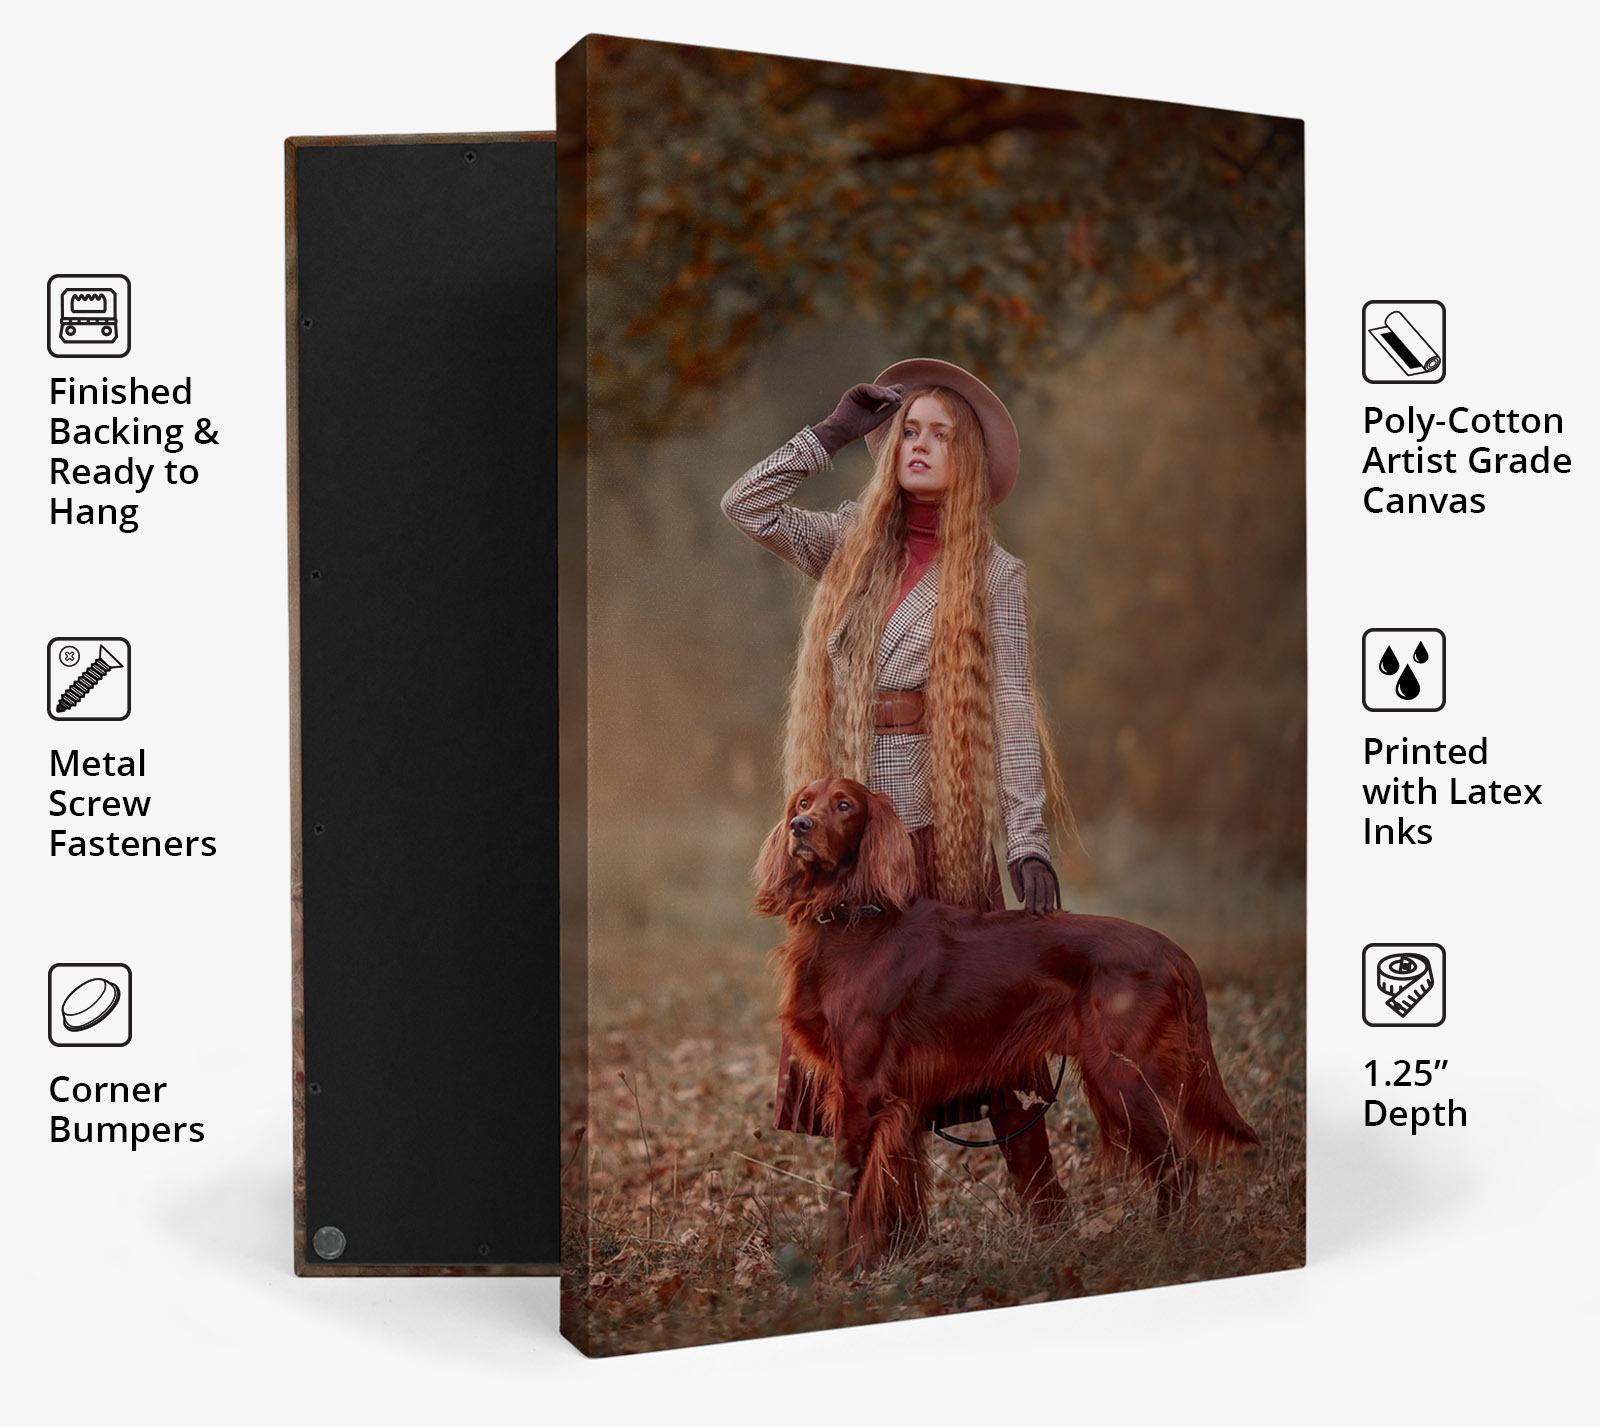 """Canvas Wrap PRO details: Artist Grade Canvas   Patented Design   1.25"""" Depth   Size Range 5x7"""